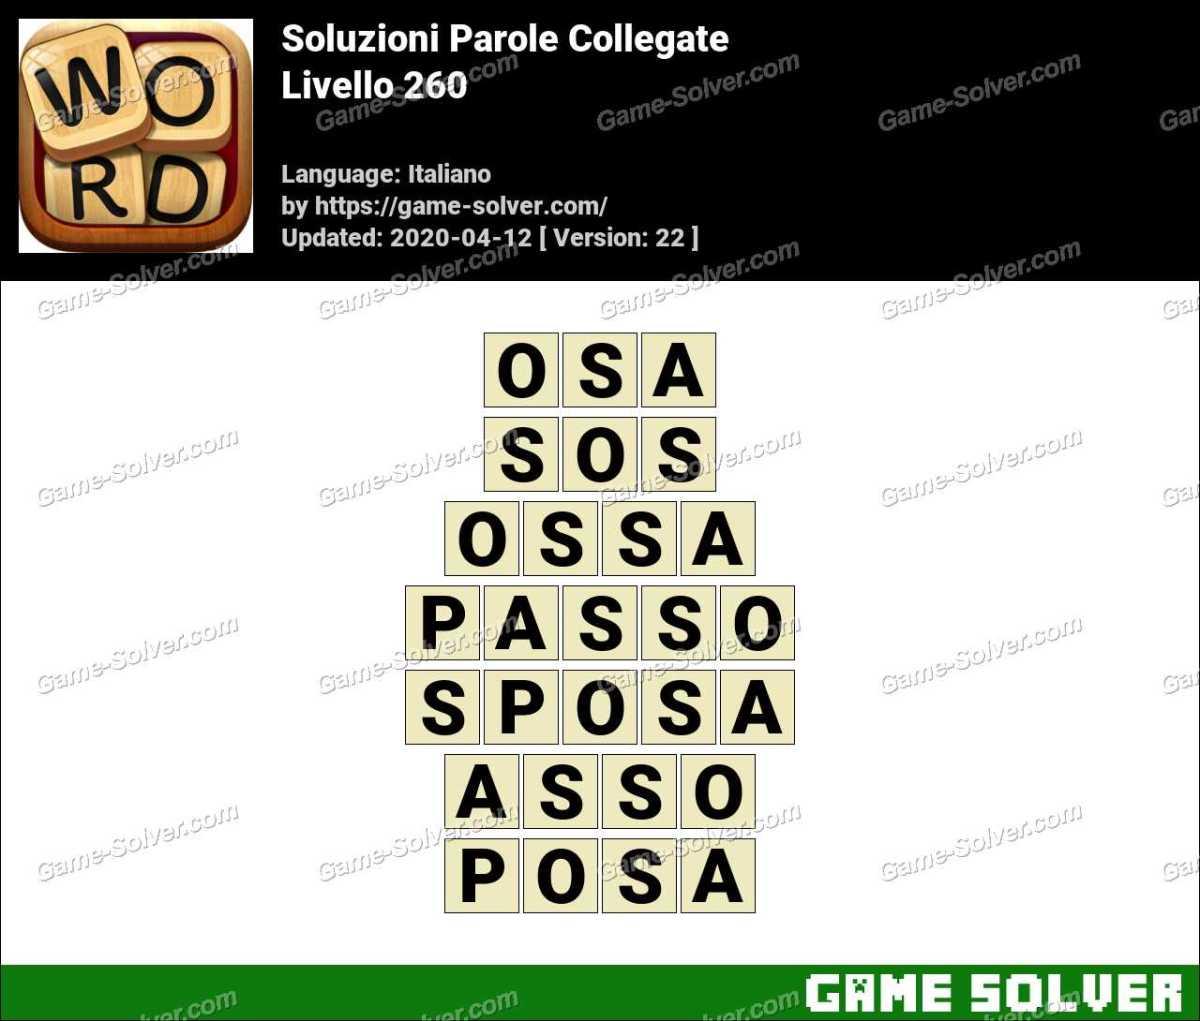 Soluzioni Parole Collegate Livello 260